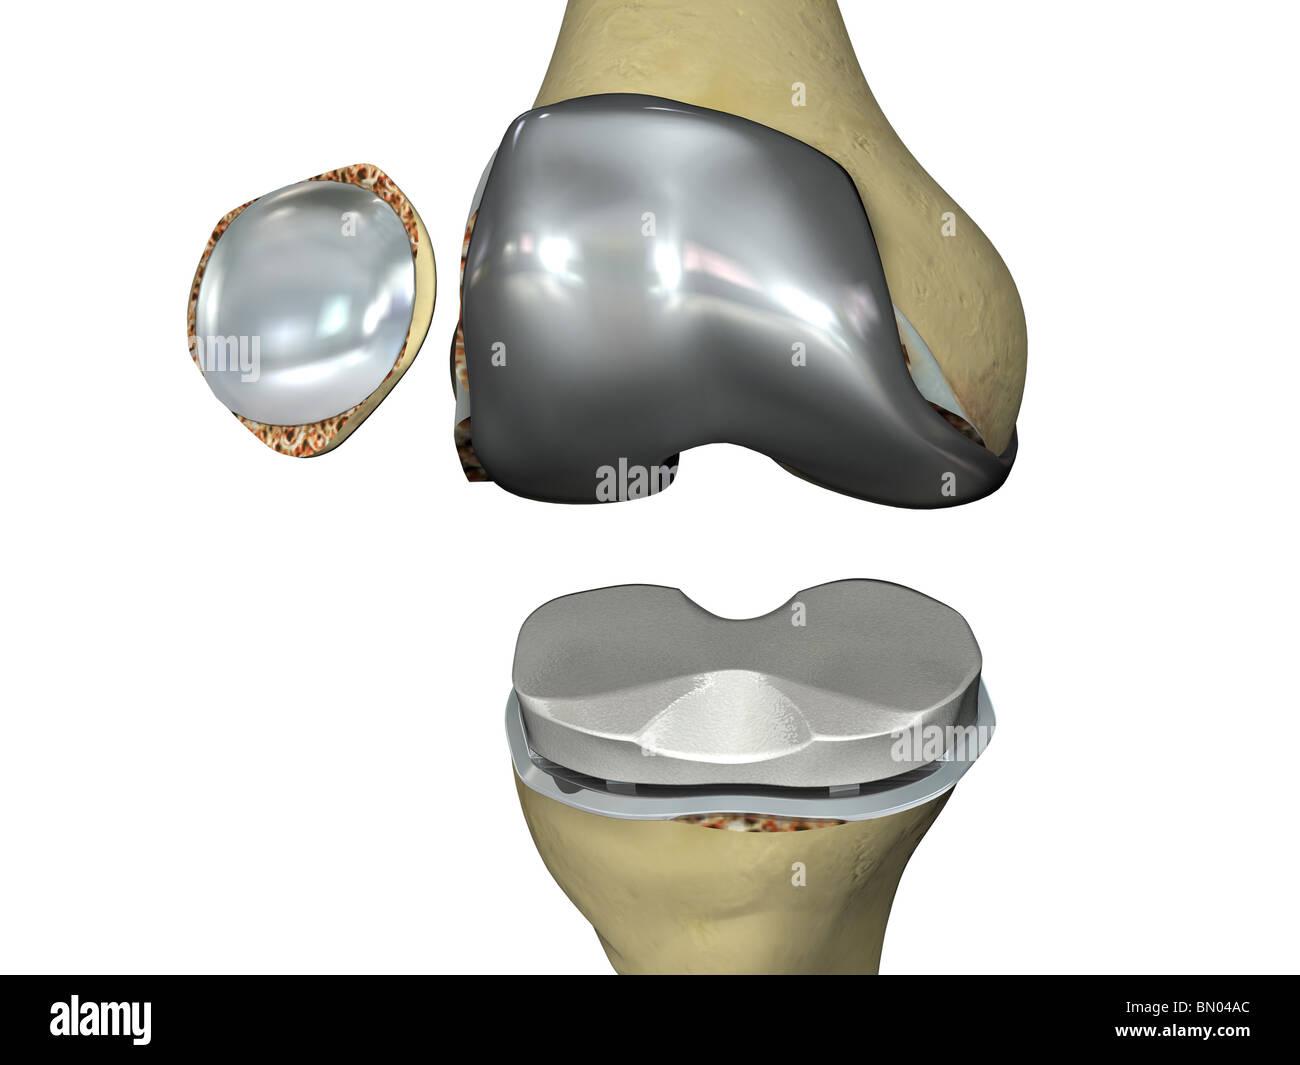 Dieses 3D Bild zeigt die Prothesen auf dem Platz in einer Knie-Totalprothese. Stockbild